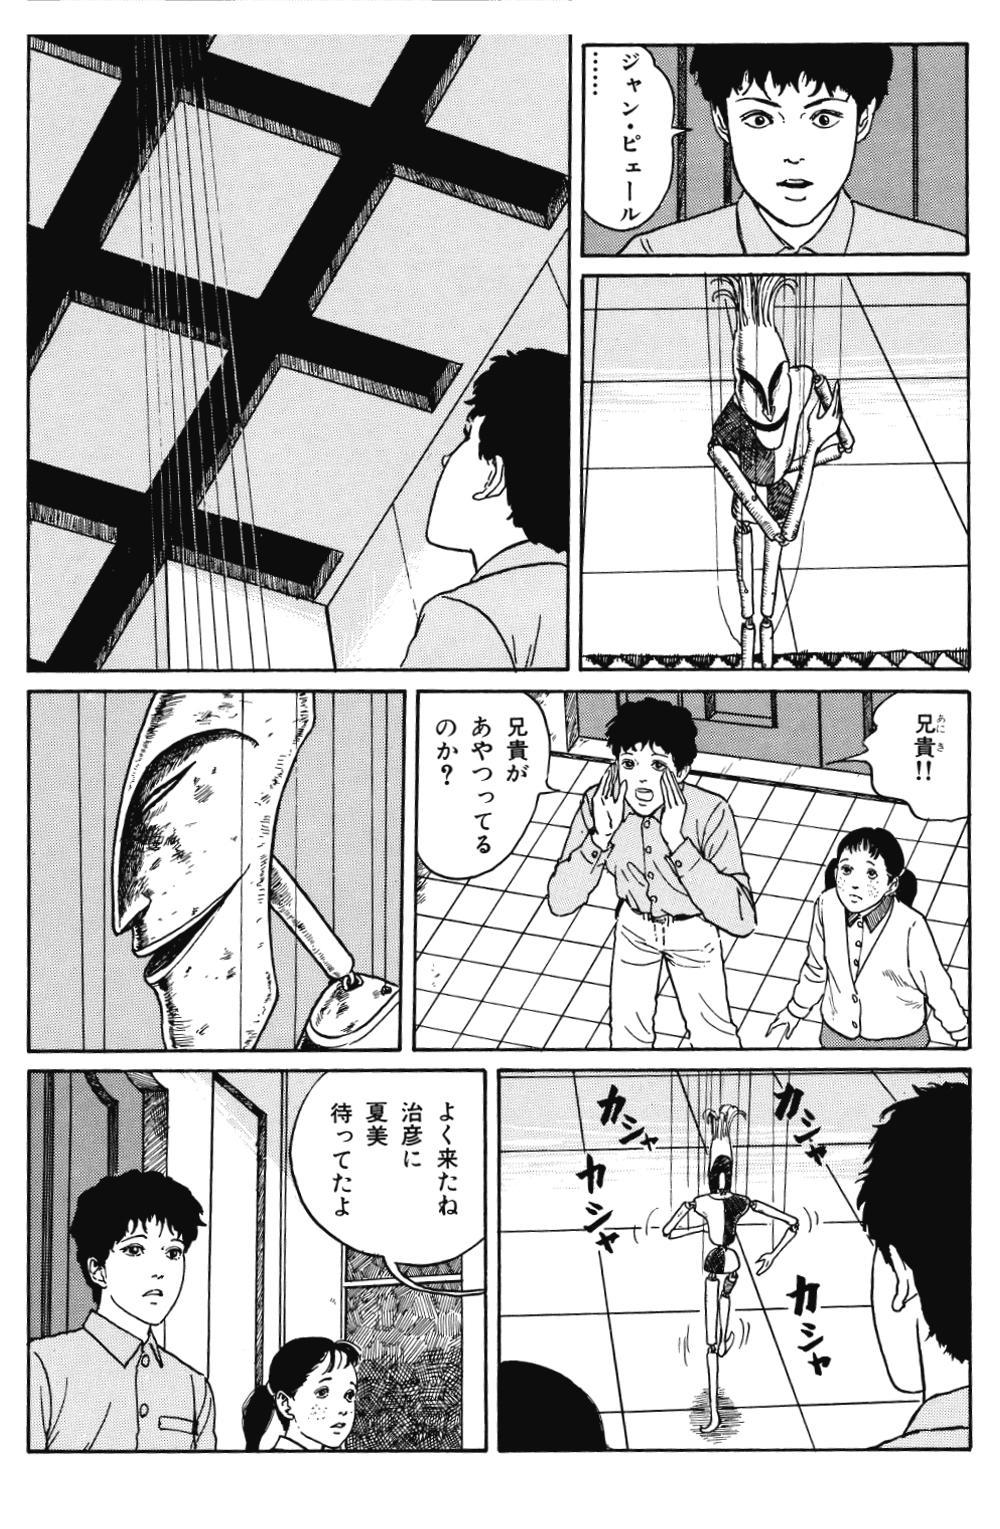 伊藤潤二自選傑作集 第5話「あやつり屋敷」②ayaturiyasiki-2-195.jpg